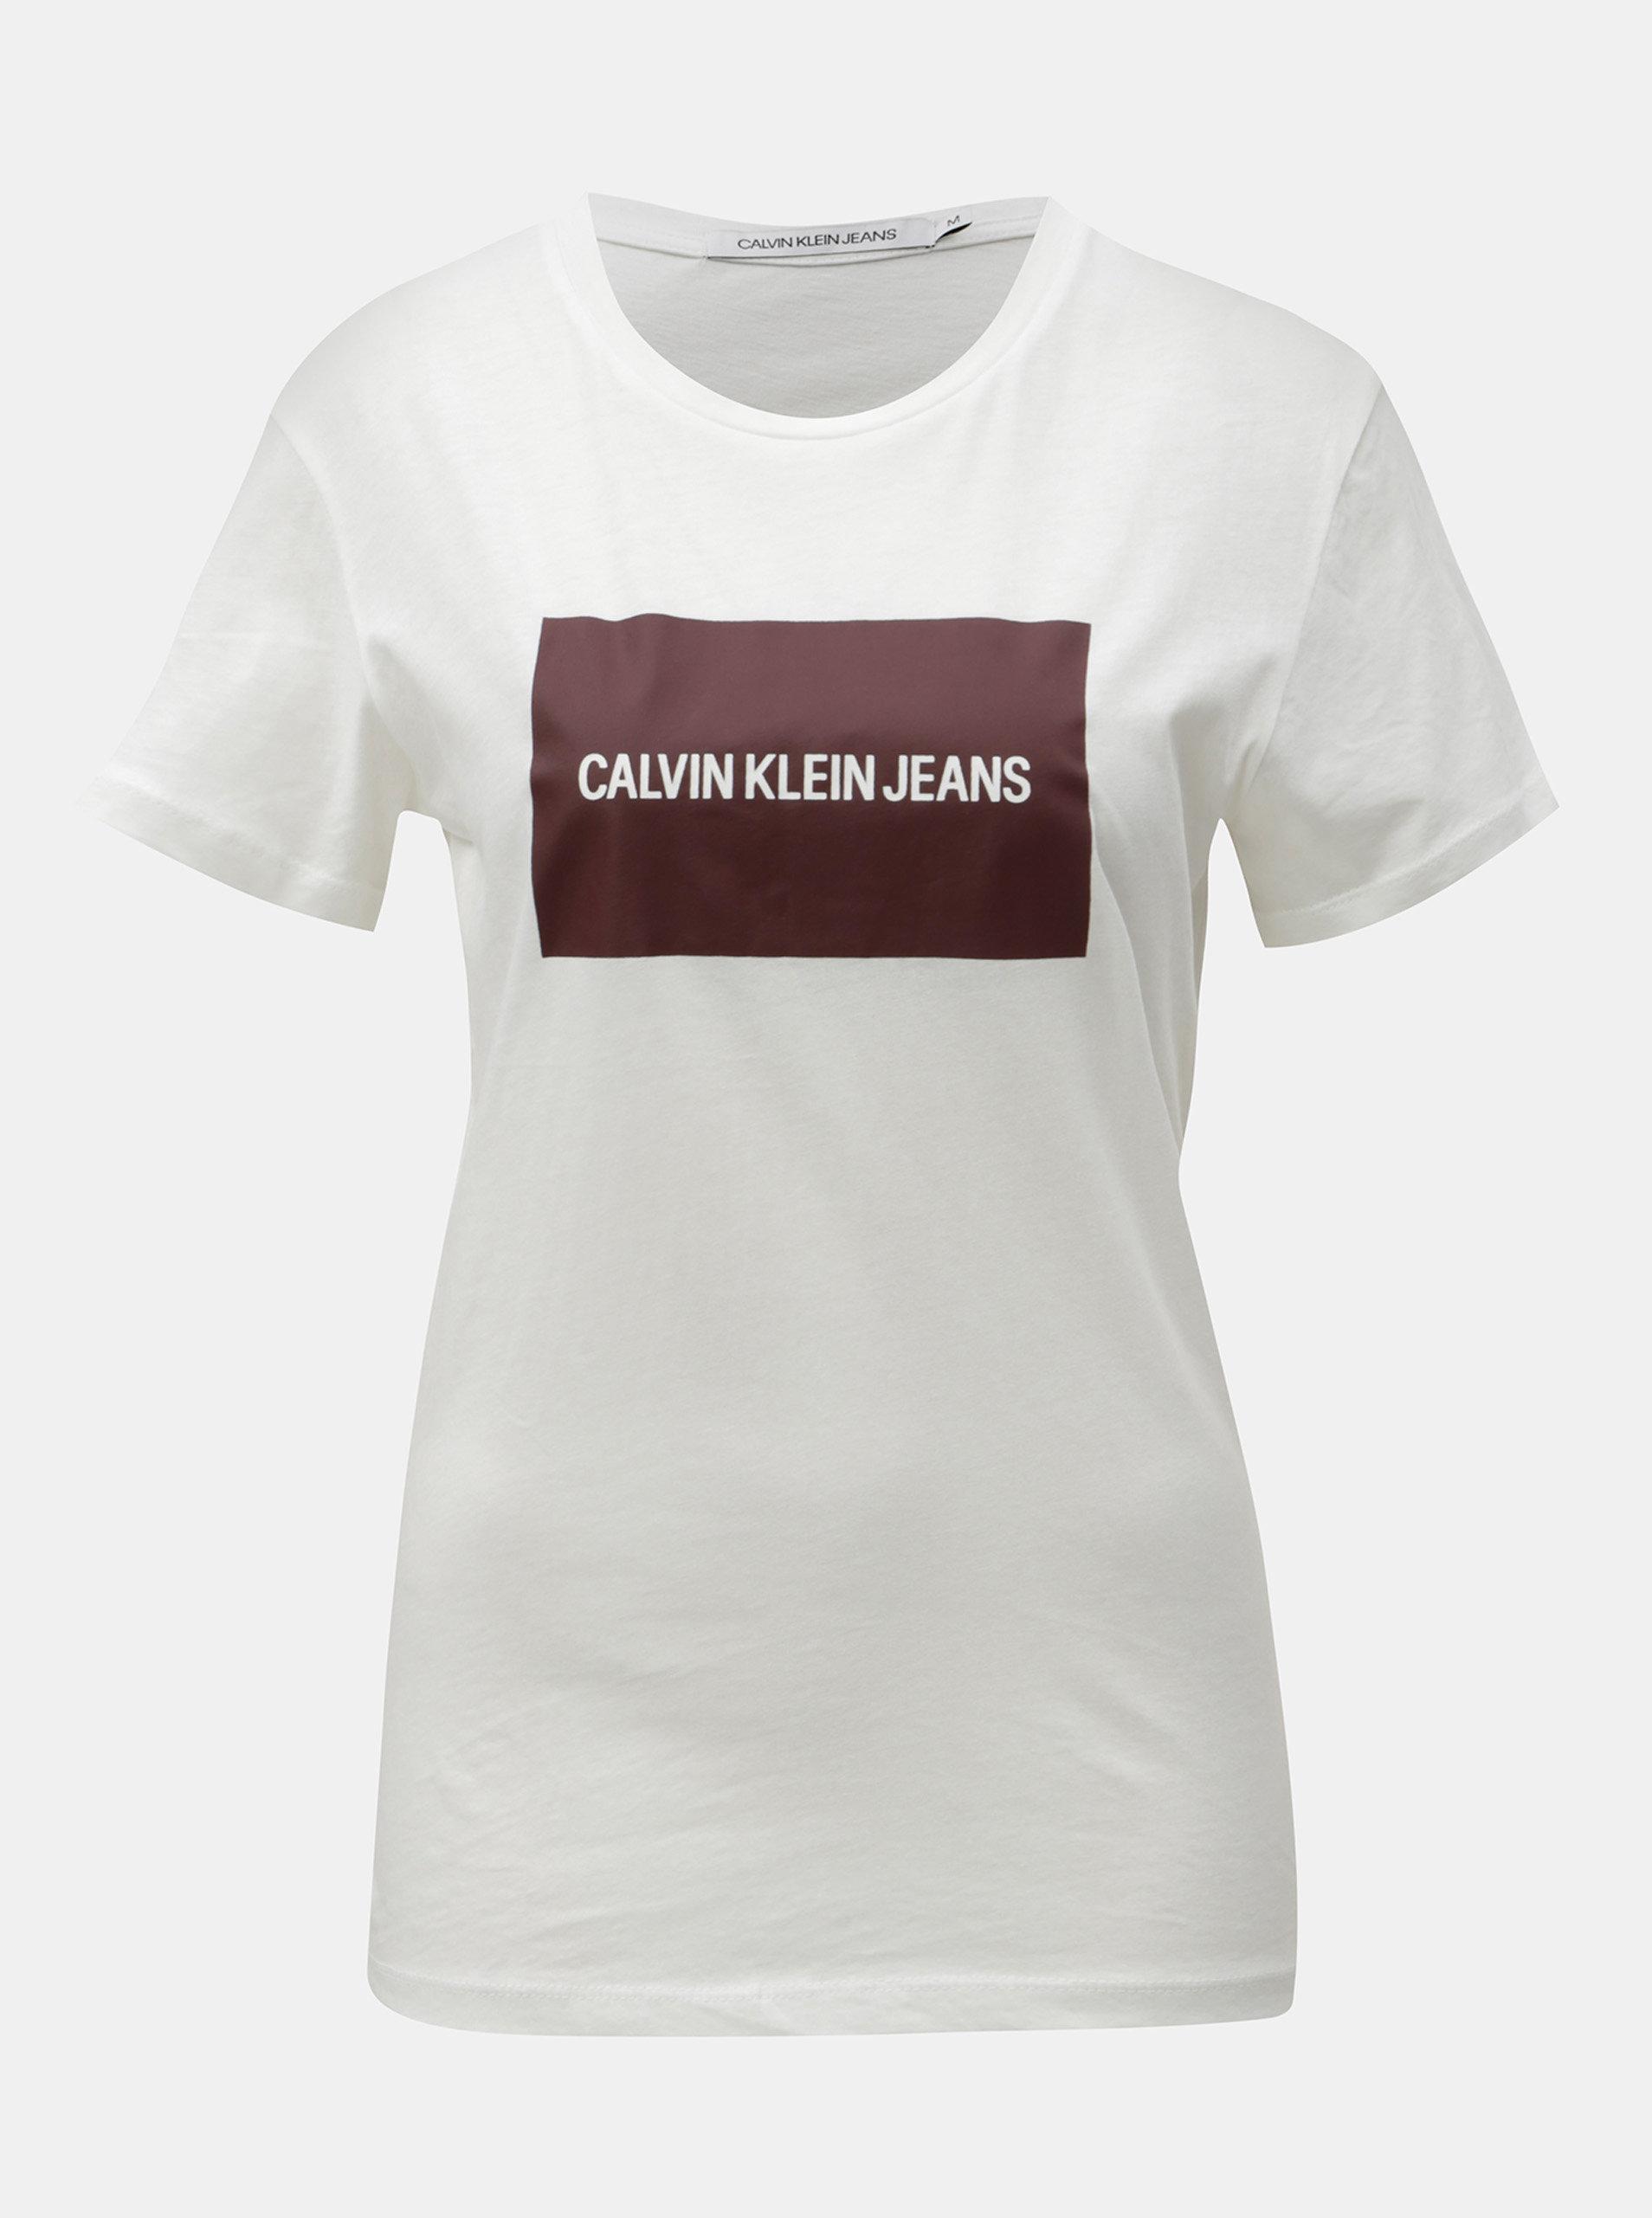 83c38d82a215 Biele dámske tričko s potlačou Calvin Klein Jeans ...